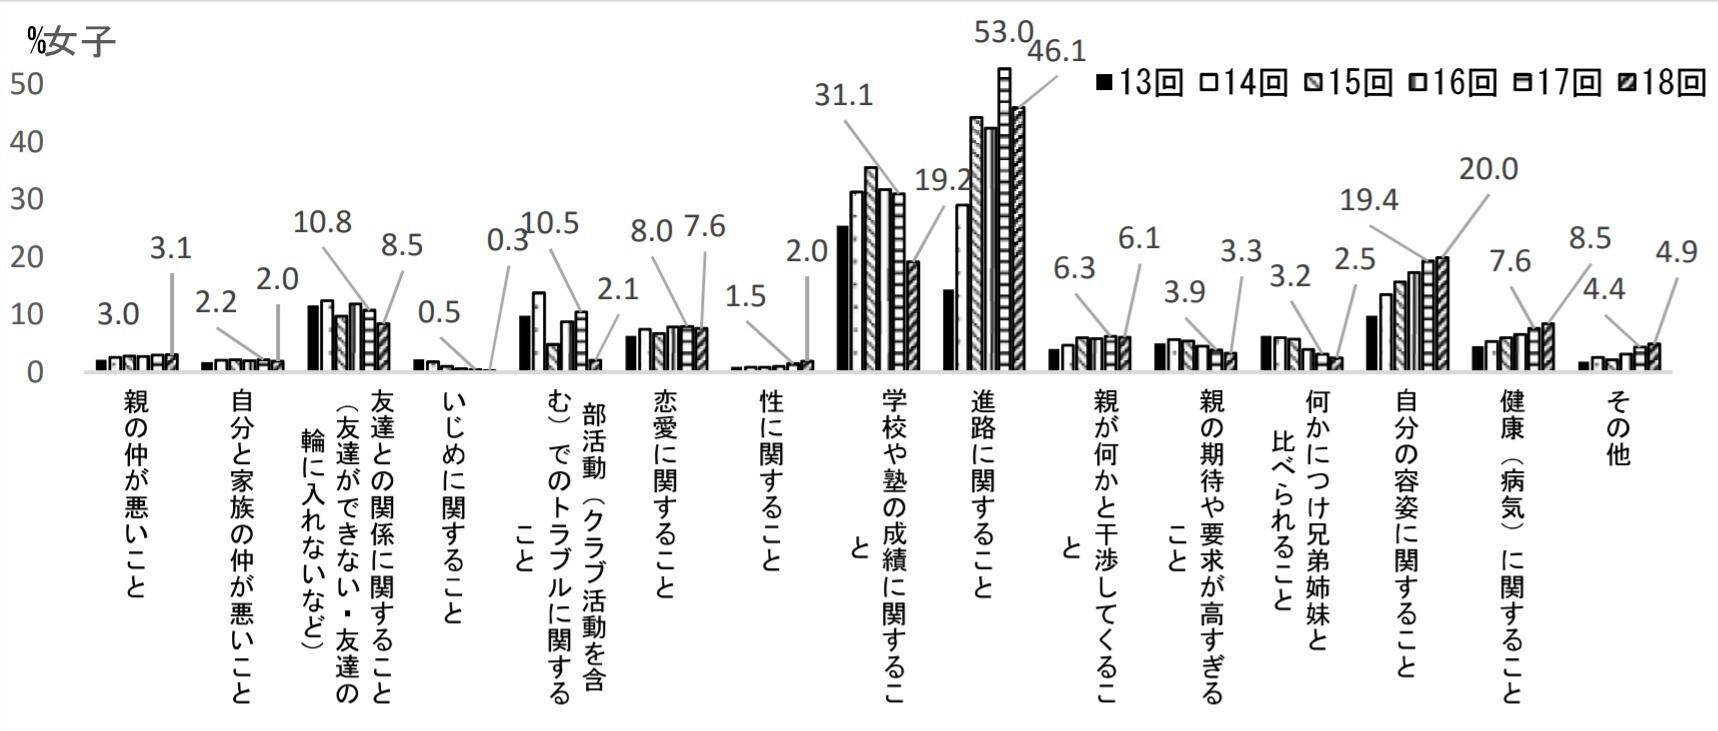 女子高校生の悩みや不安を示したグラフ